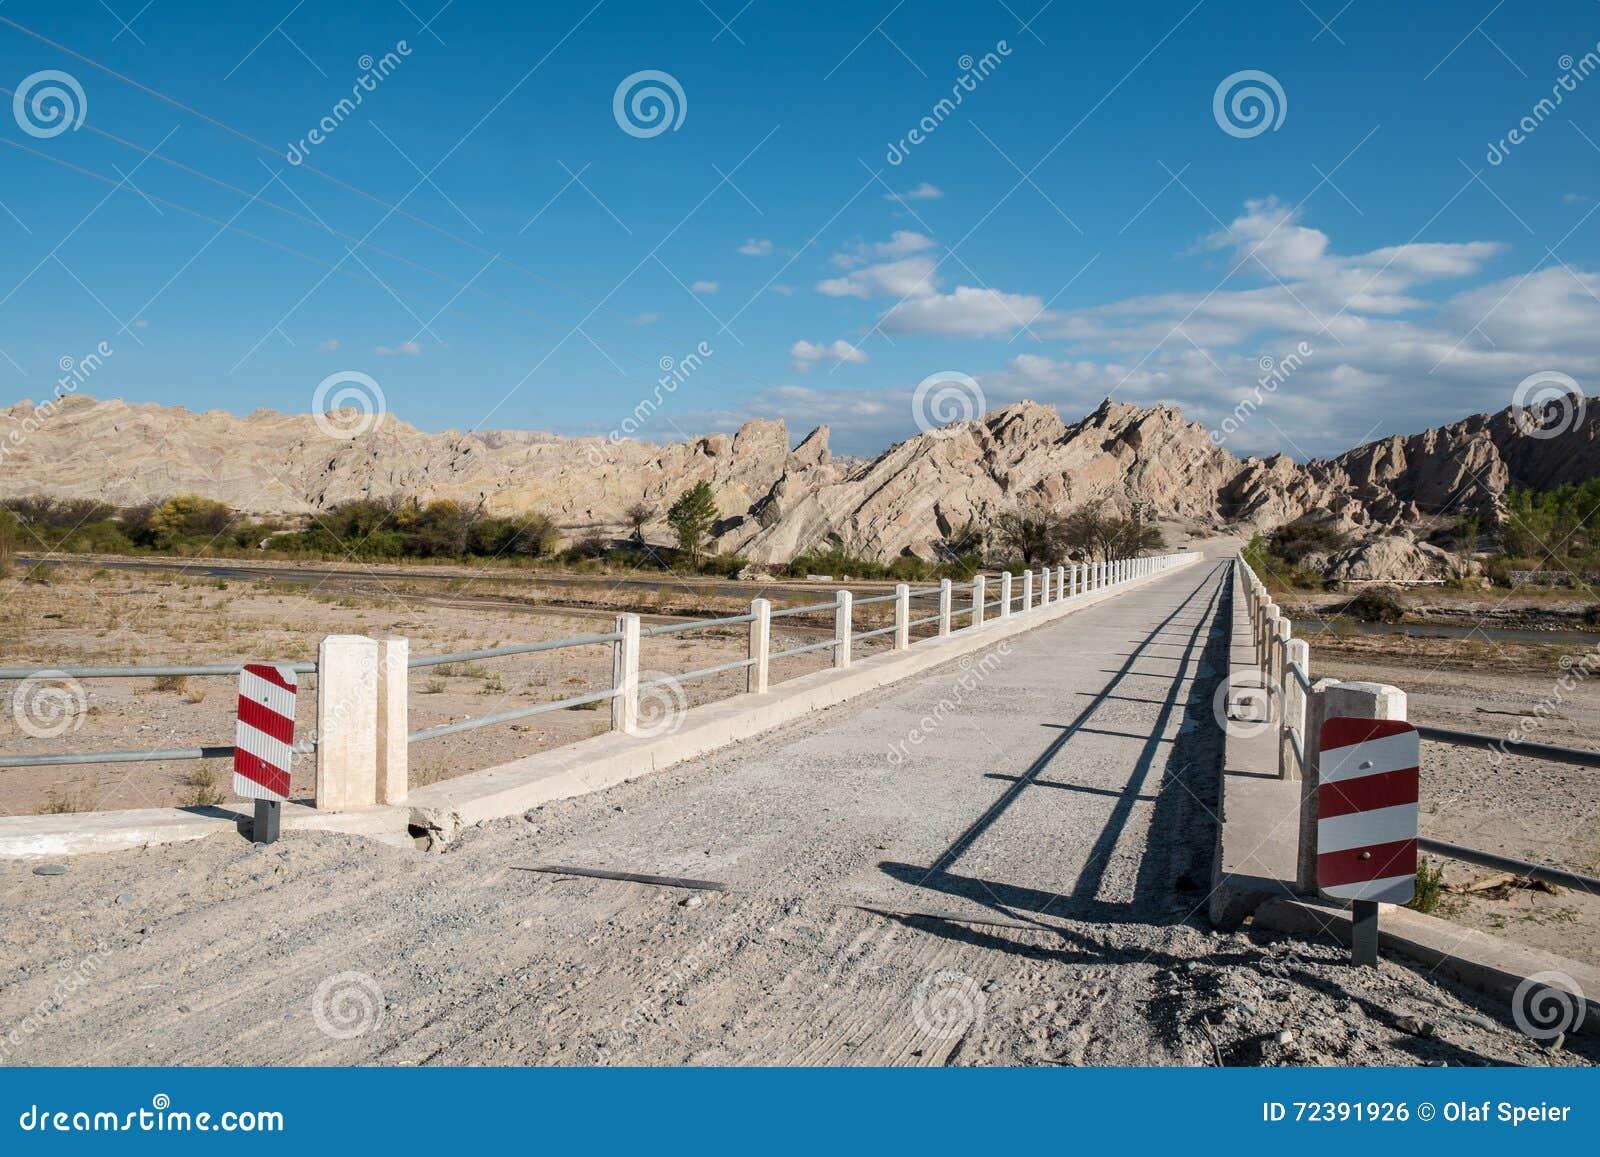 Andeslandweg